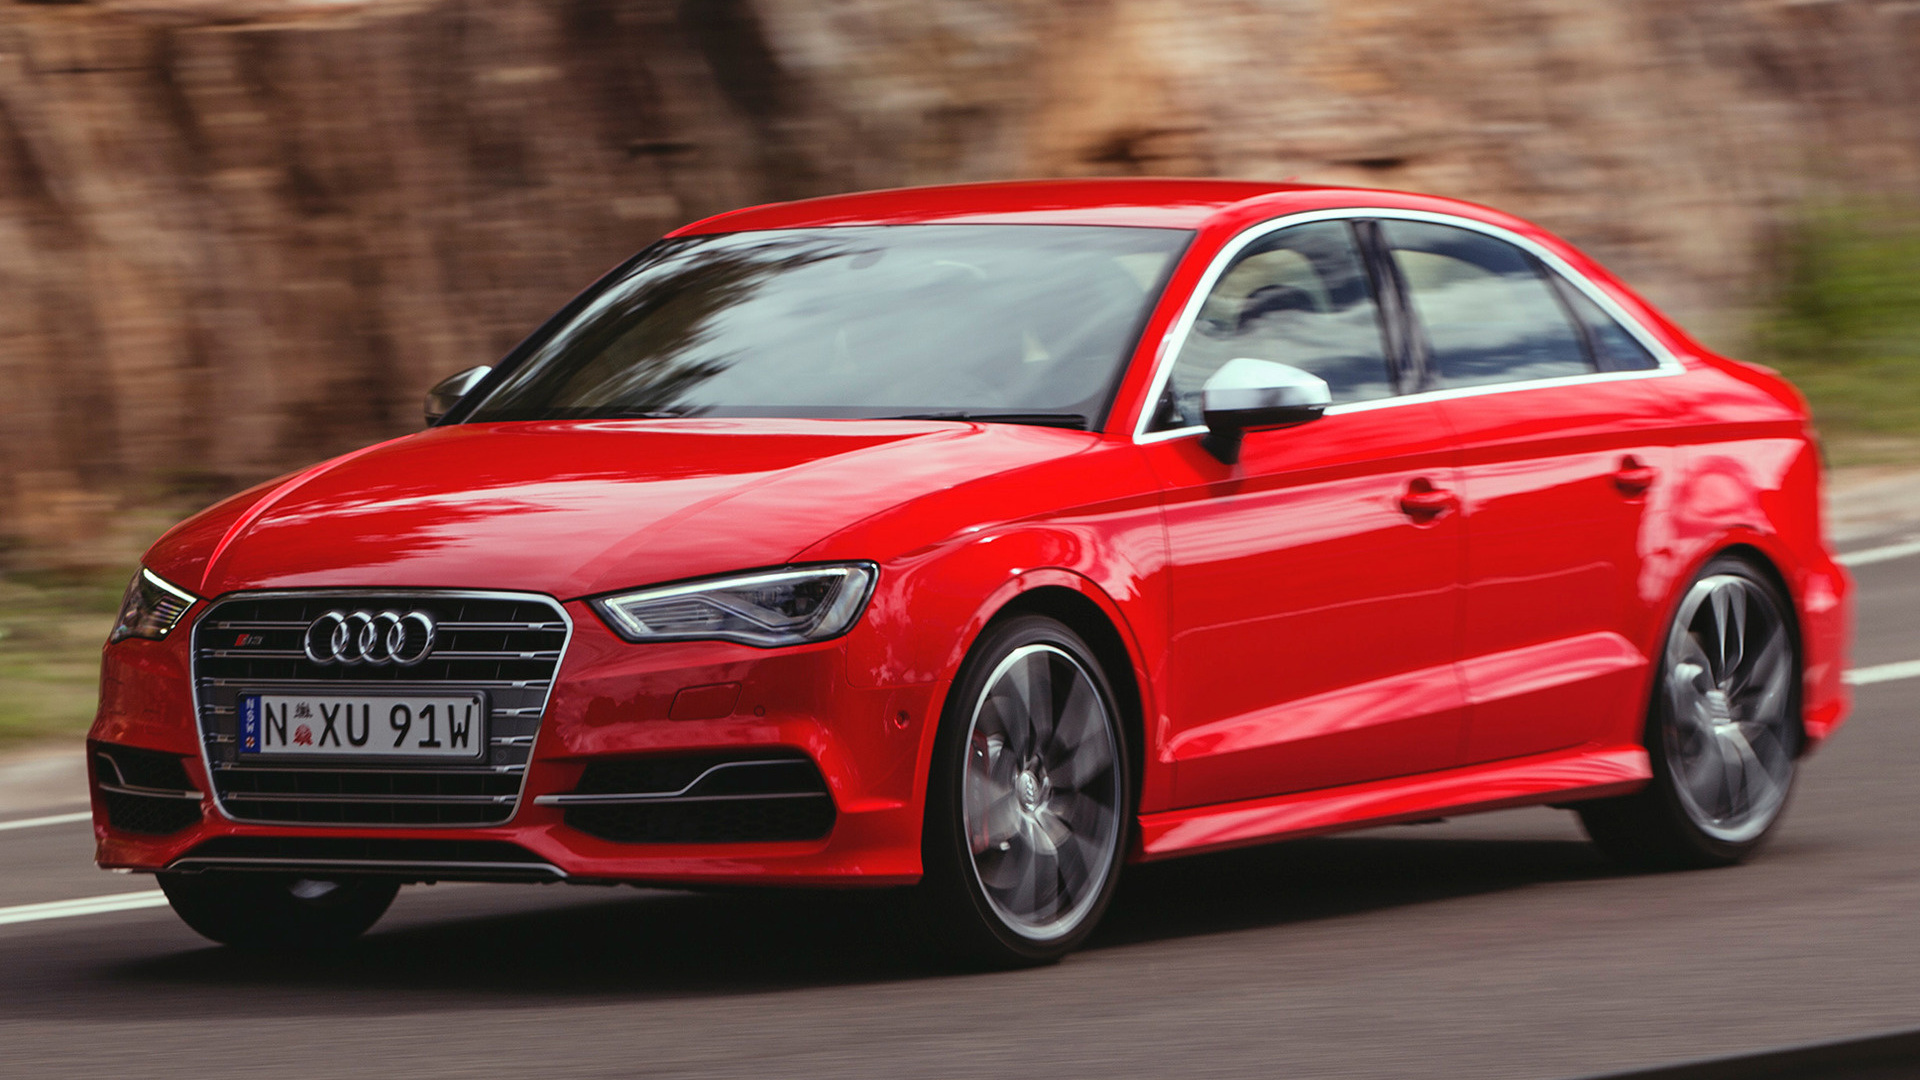 Kelebihan Audi S3 2014 Perbandingan Harga